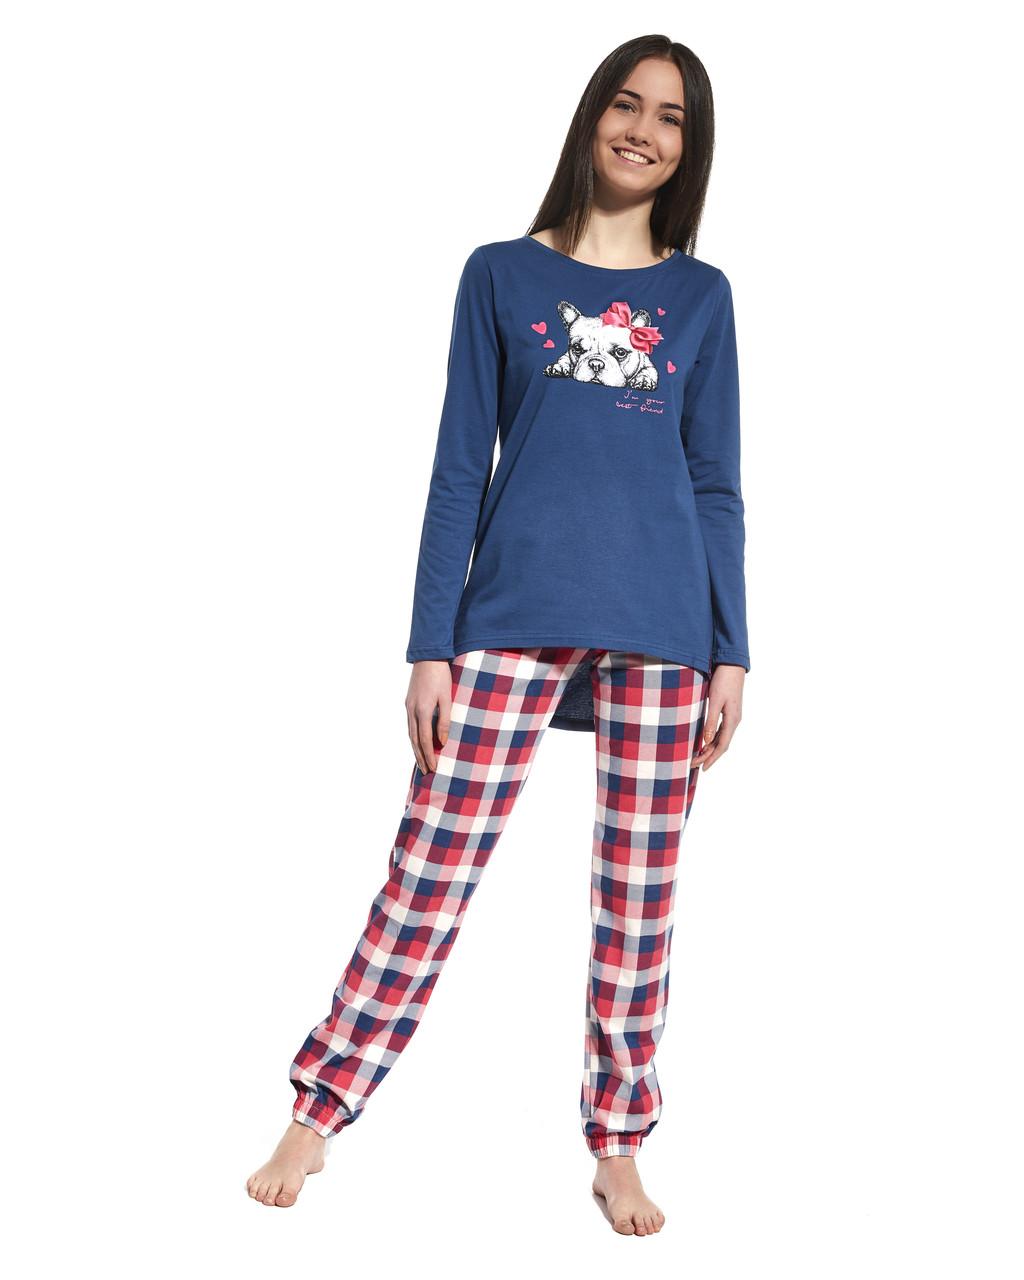 Пижама для девочки - подростка. Польша.Cornette 299/28 YOUR